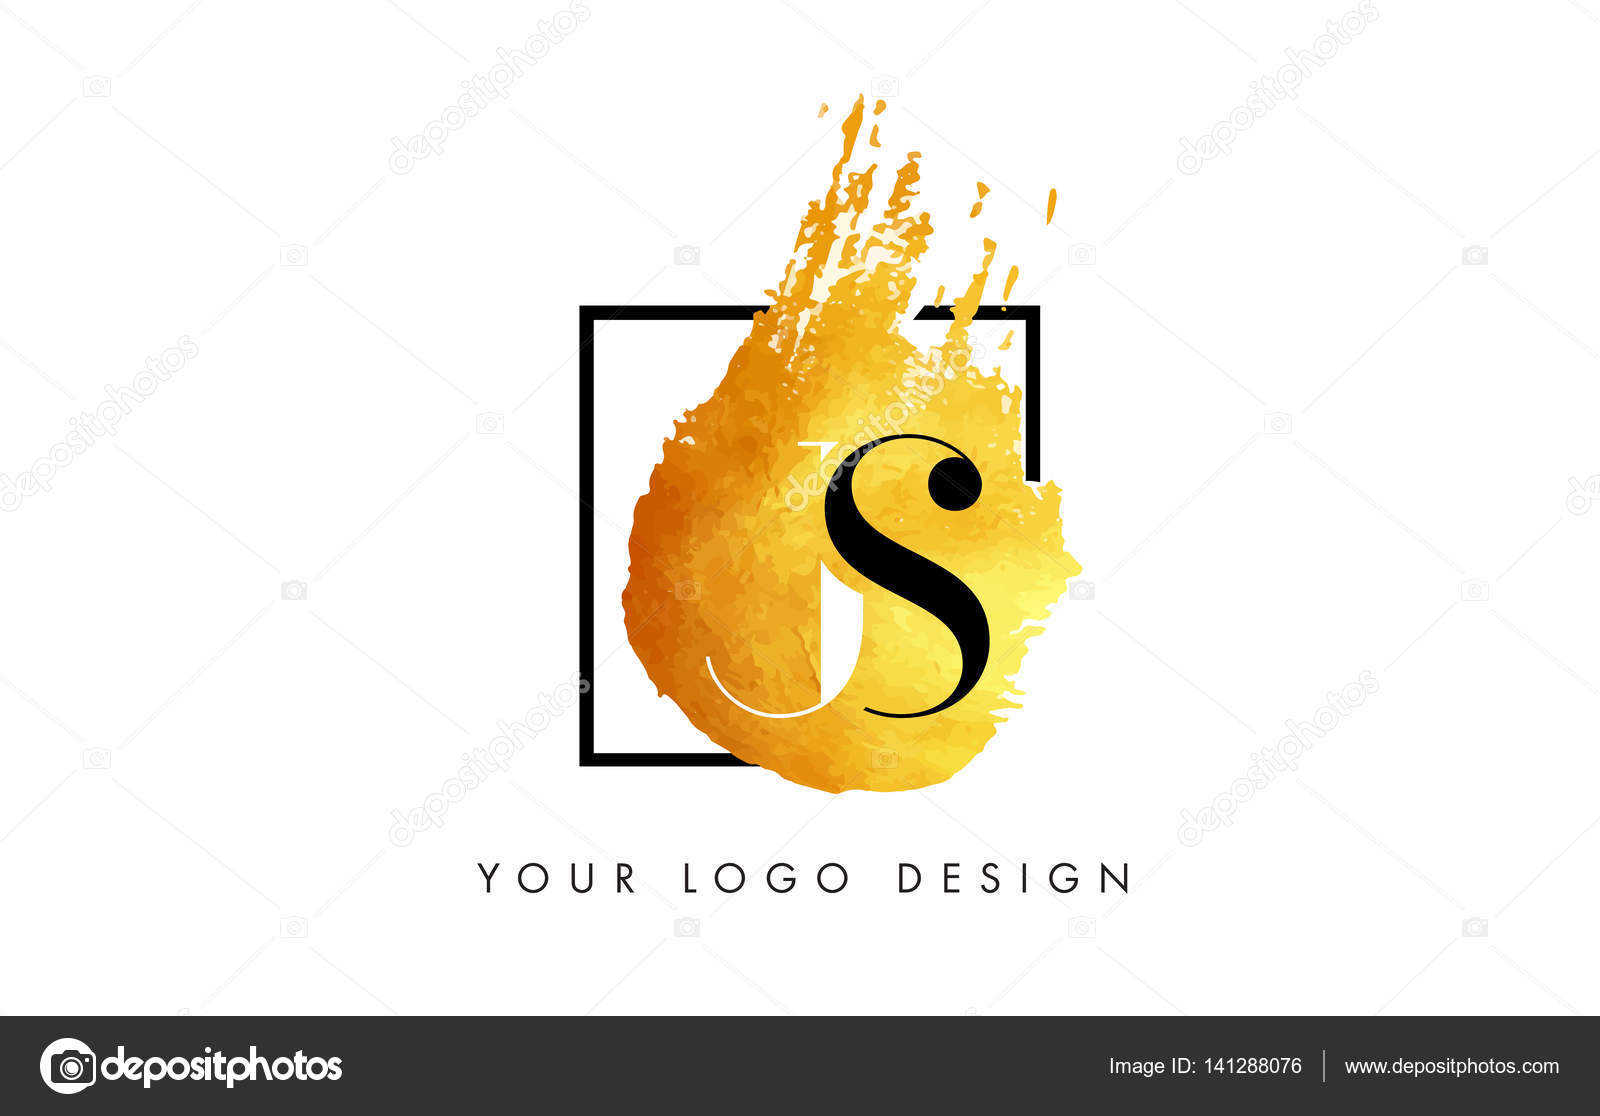 JS Gold Buchstaben Logo Textur Pinselstrichen gemalt — Stockvektor ...